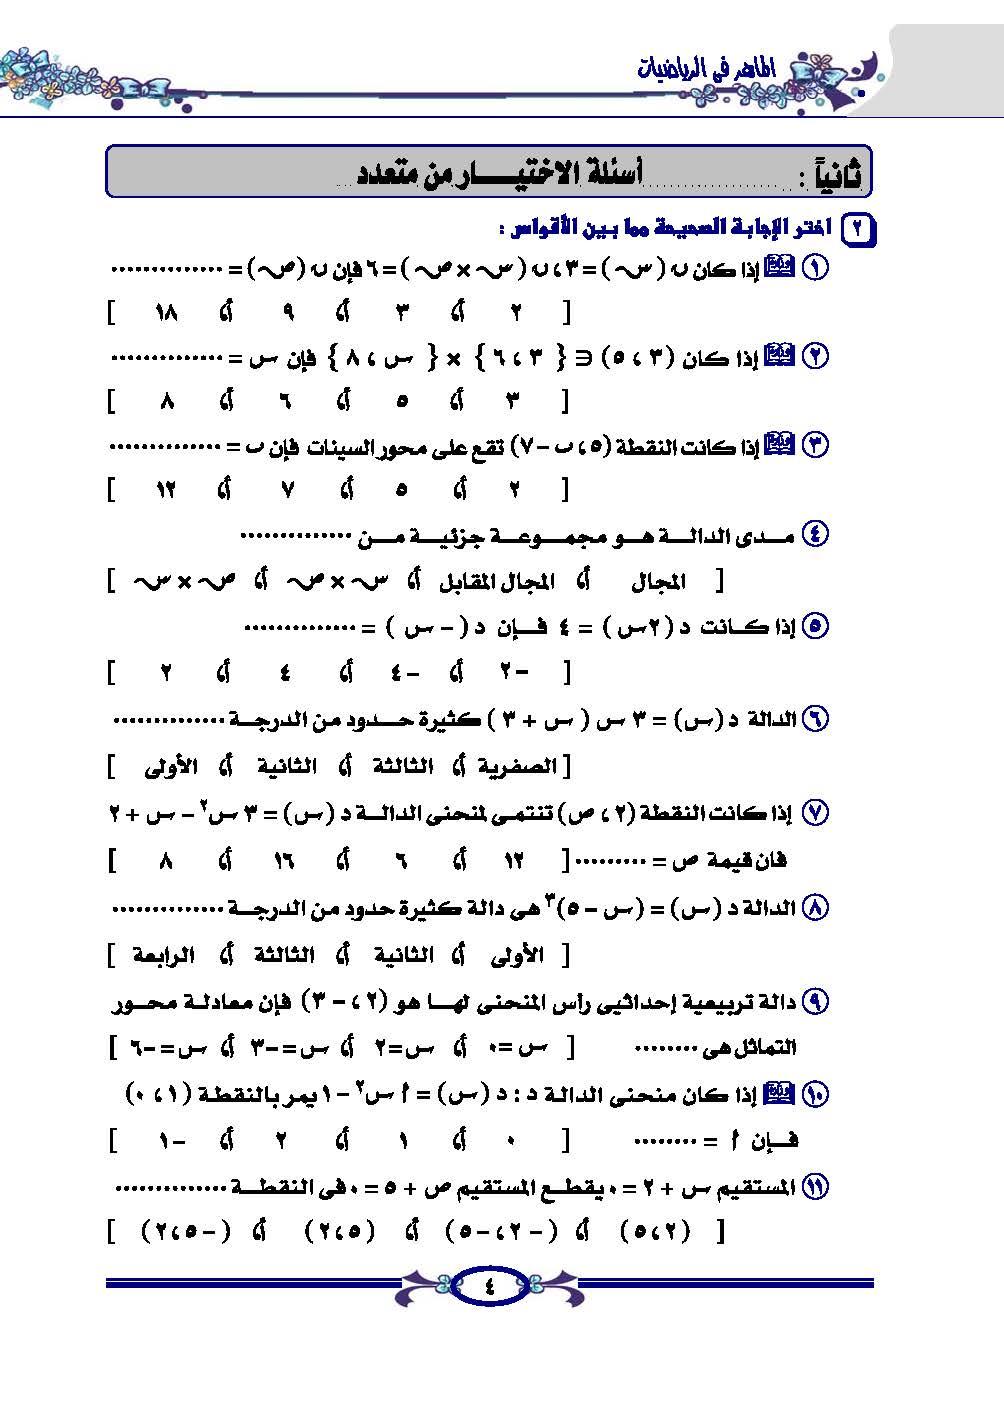 مفاجئة افضل مراجعة عامة وليلة الامتحان الرياضيات الصف الثالث الاعدادى 150 صفحة كتاب الماهر روعة اضمن الدرجة النهائية 2016